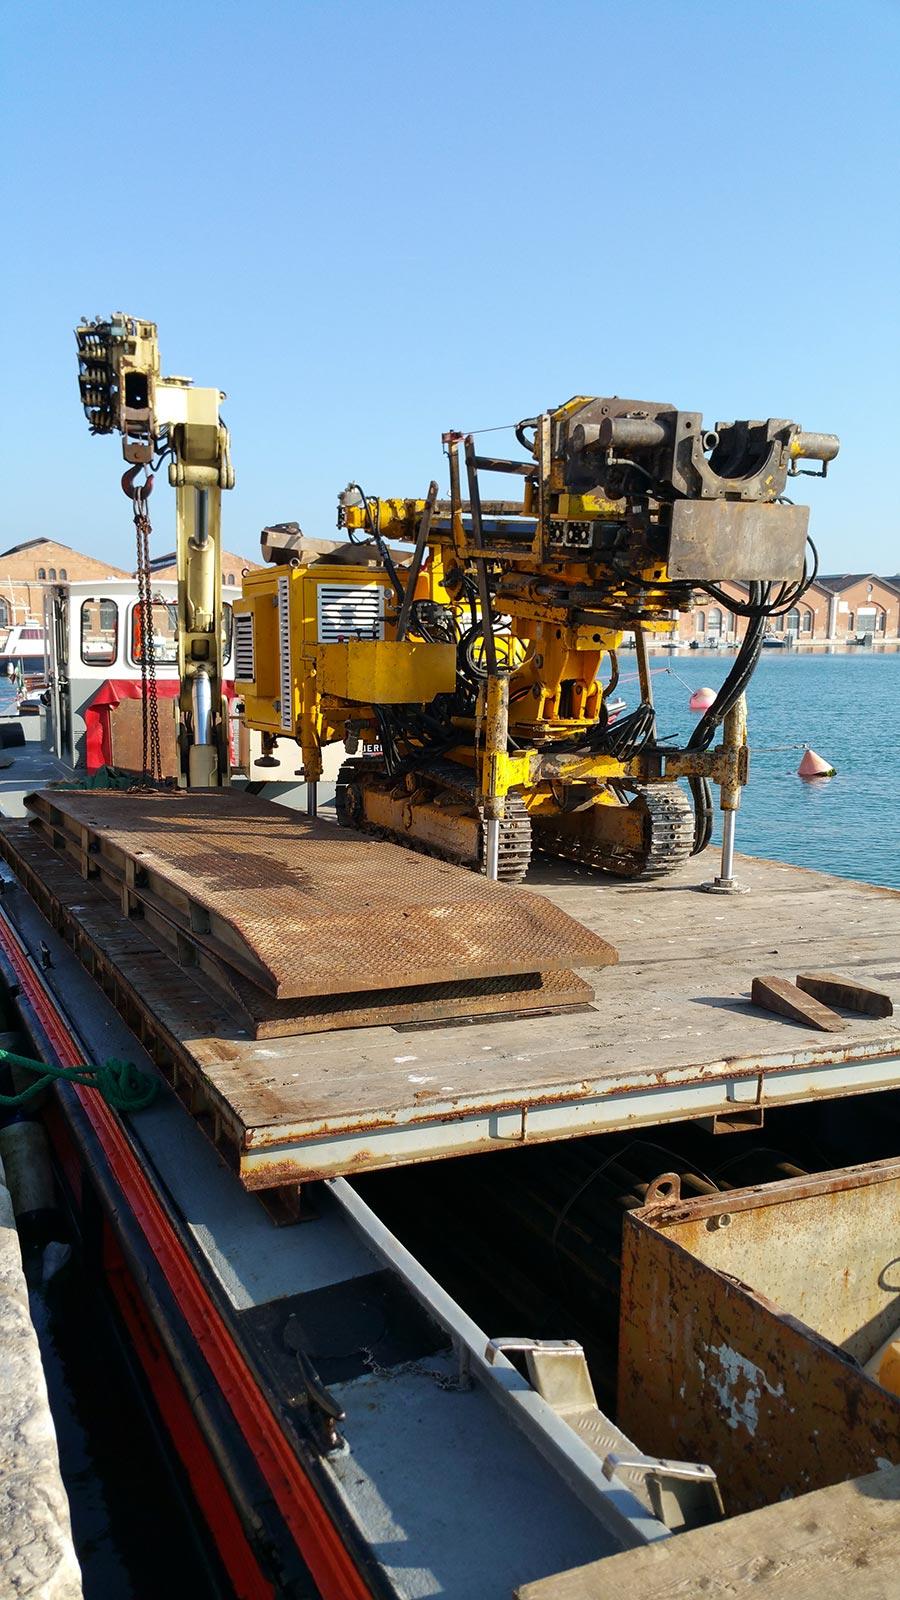 Trasporto materiali per edilizia a Venezia